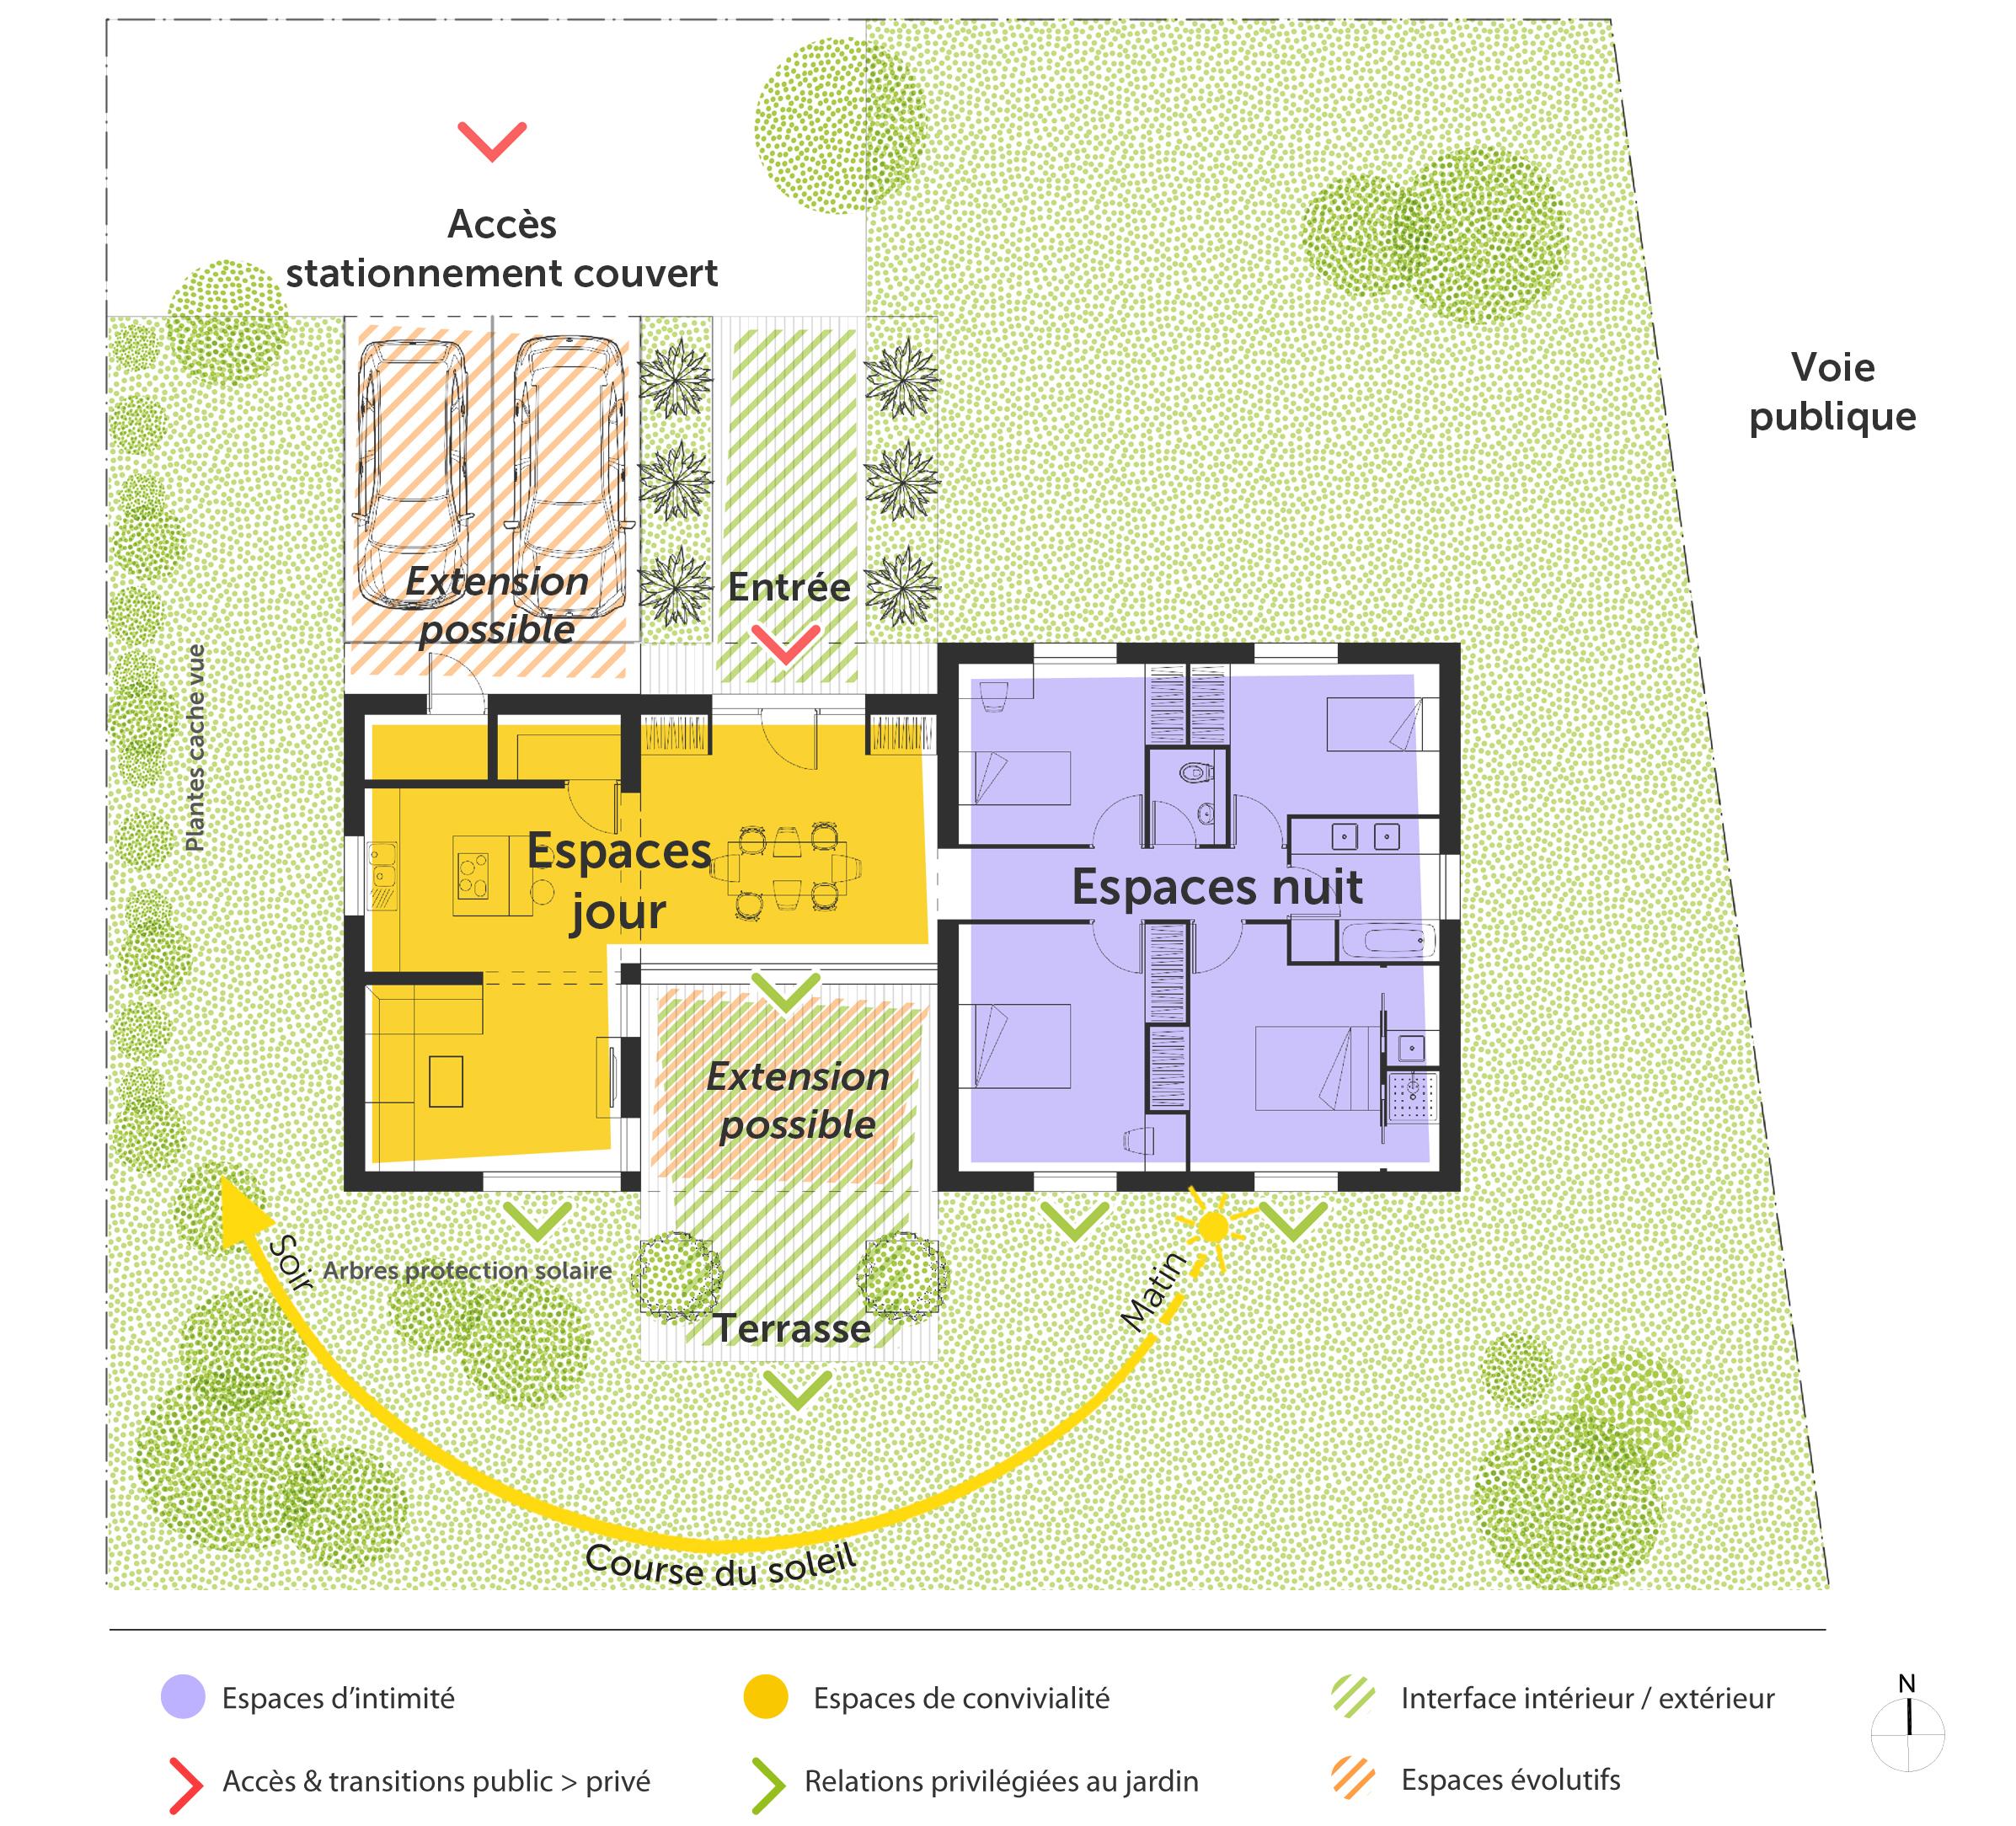 #C29F09 Plan Maison 120 M² Avec Suite Parentale Ooreka 2935 plan de maison avec suite parentale 2393x2168 px @ aertt.com